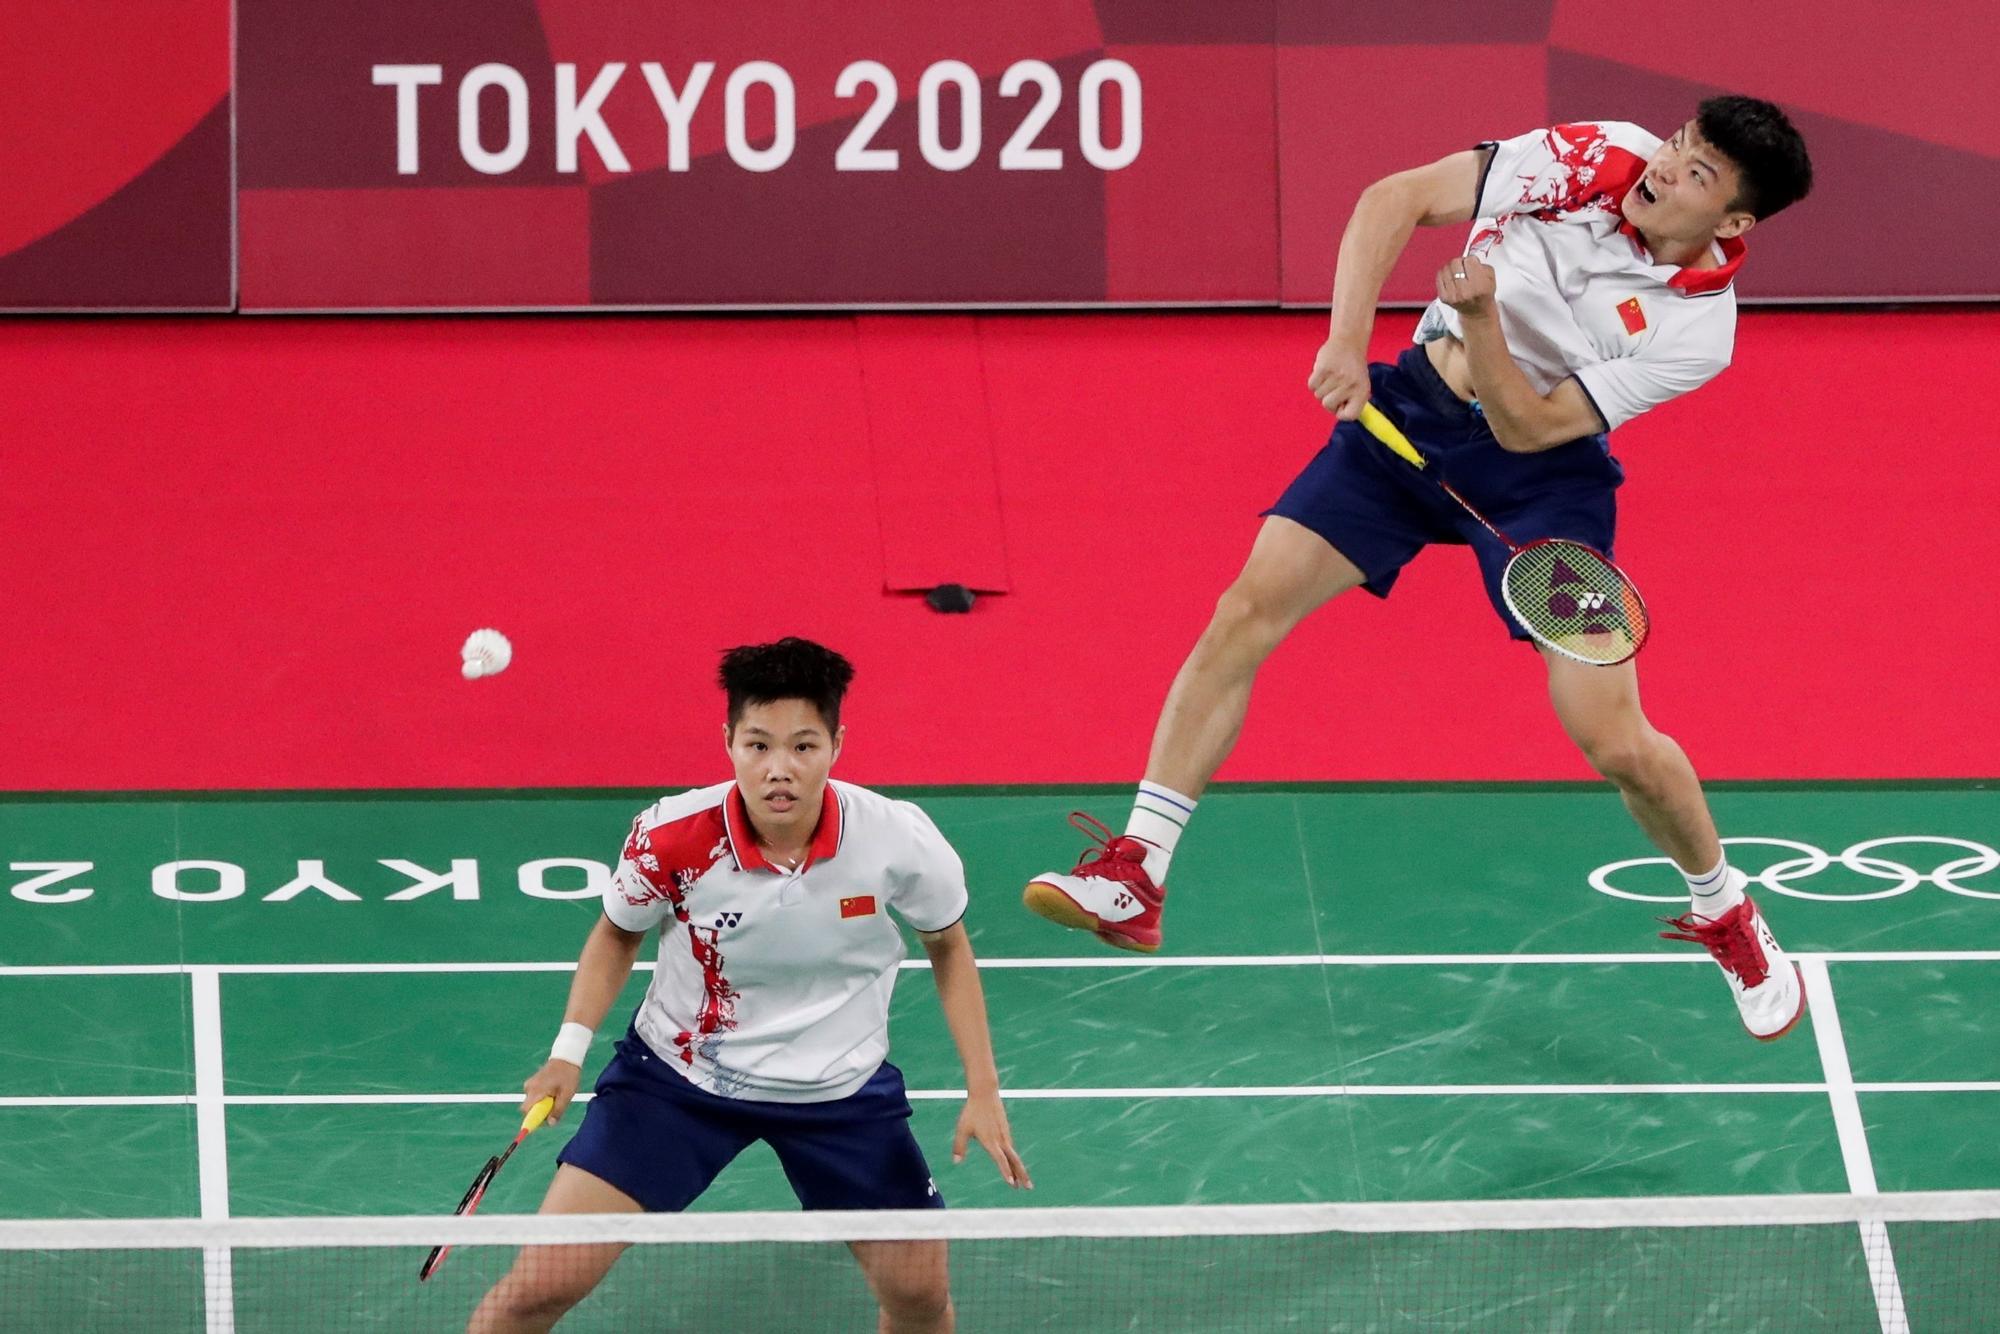 Tokio 2020, la jornada del miércoles 28 de julio en imágenes